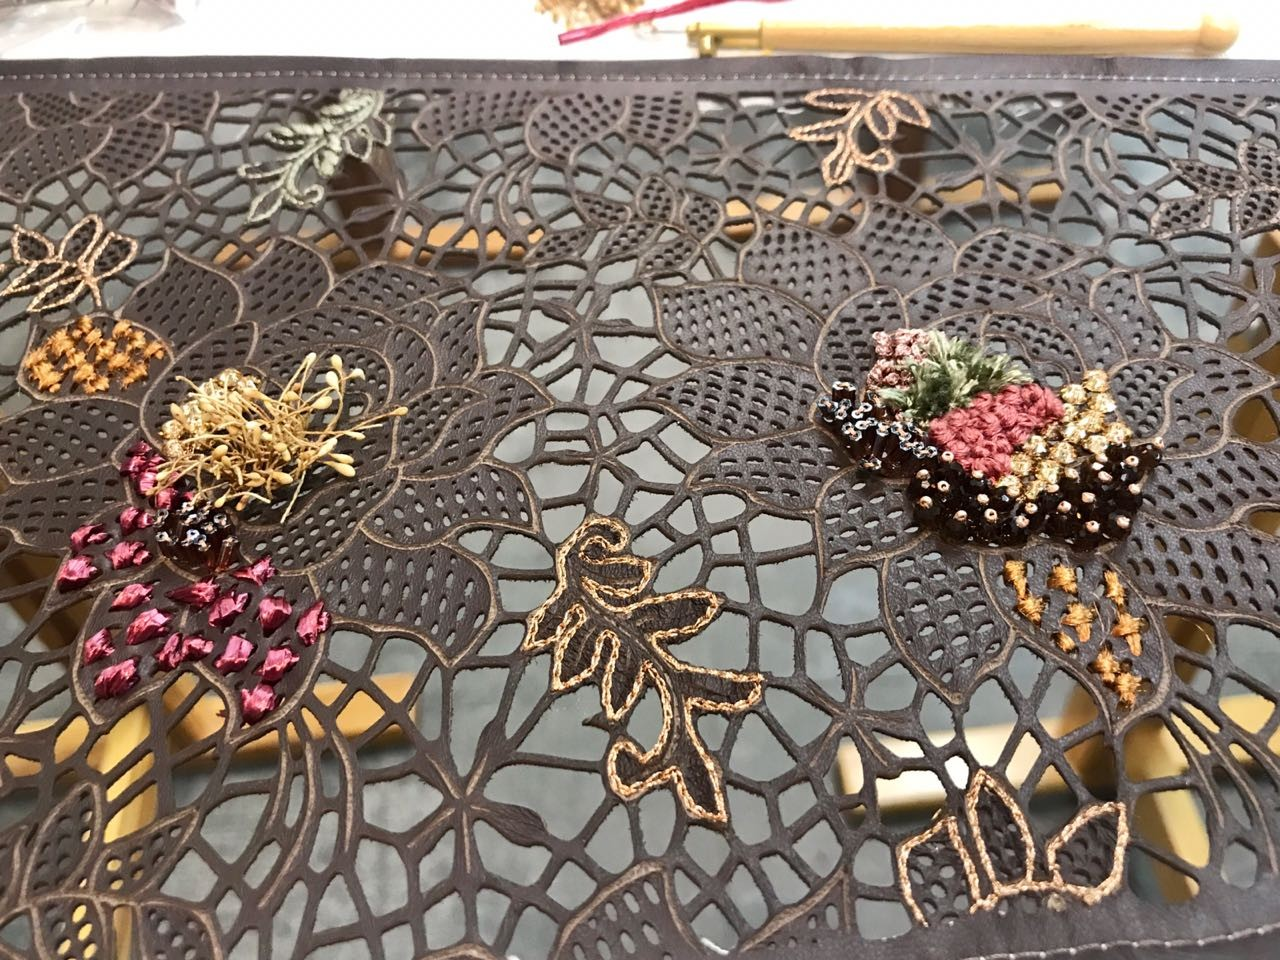 Natalia Rios cria bordados para a Patricia Viera (Foto: Divulgação)